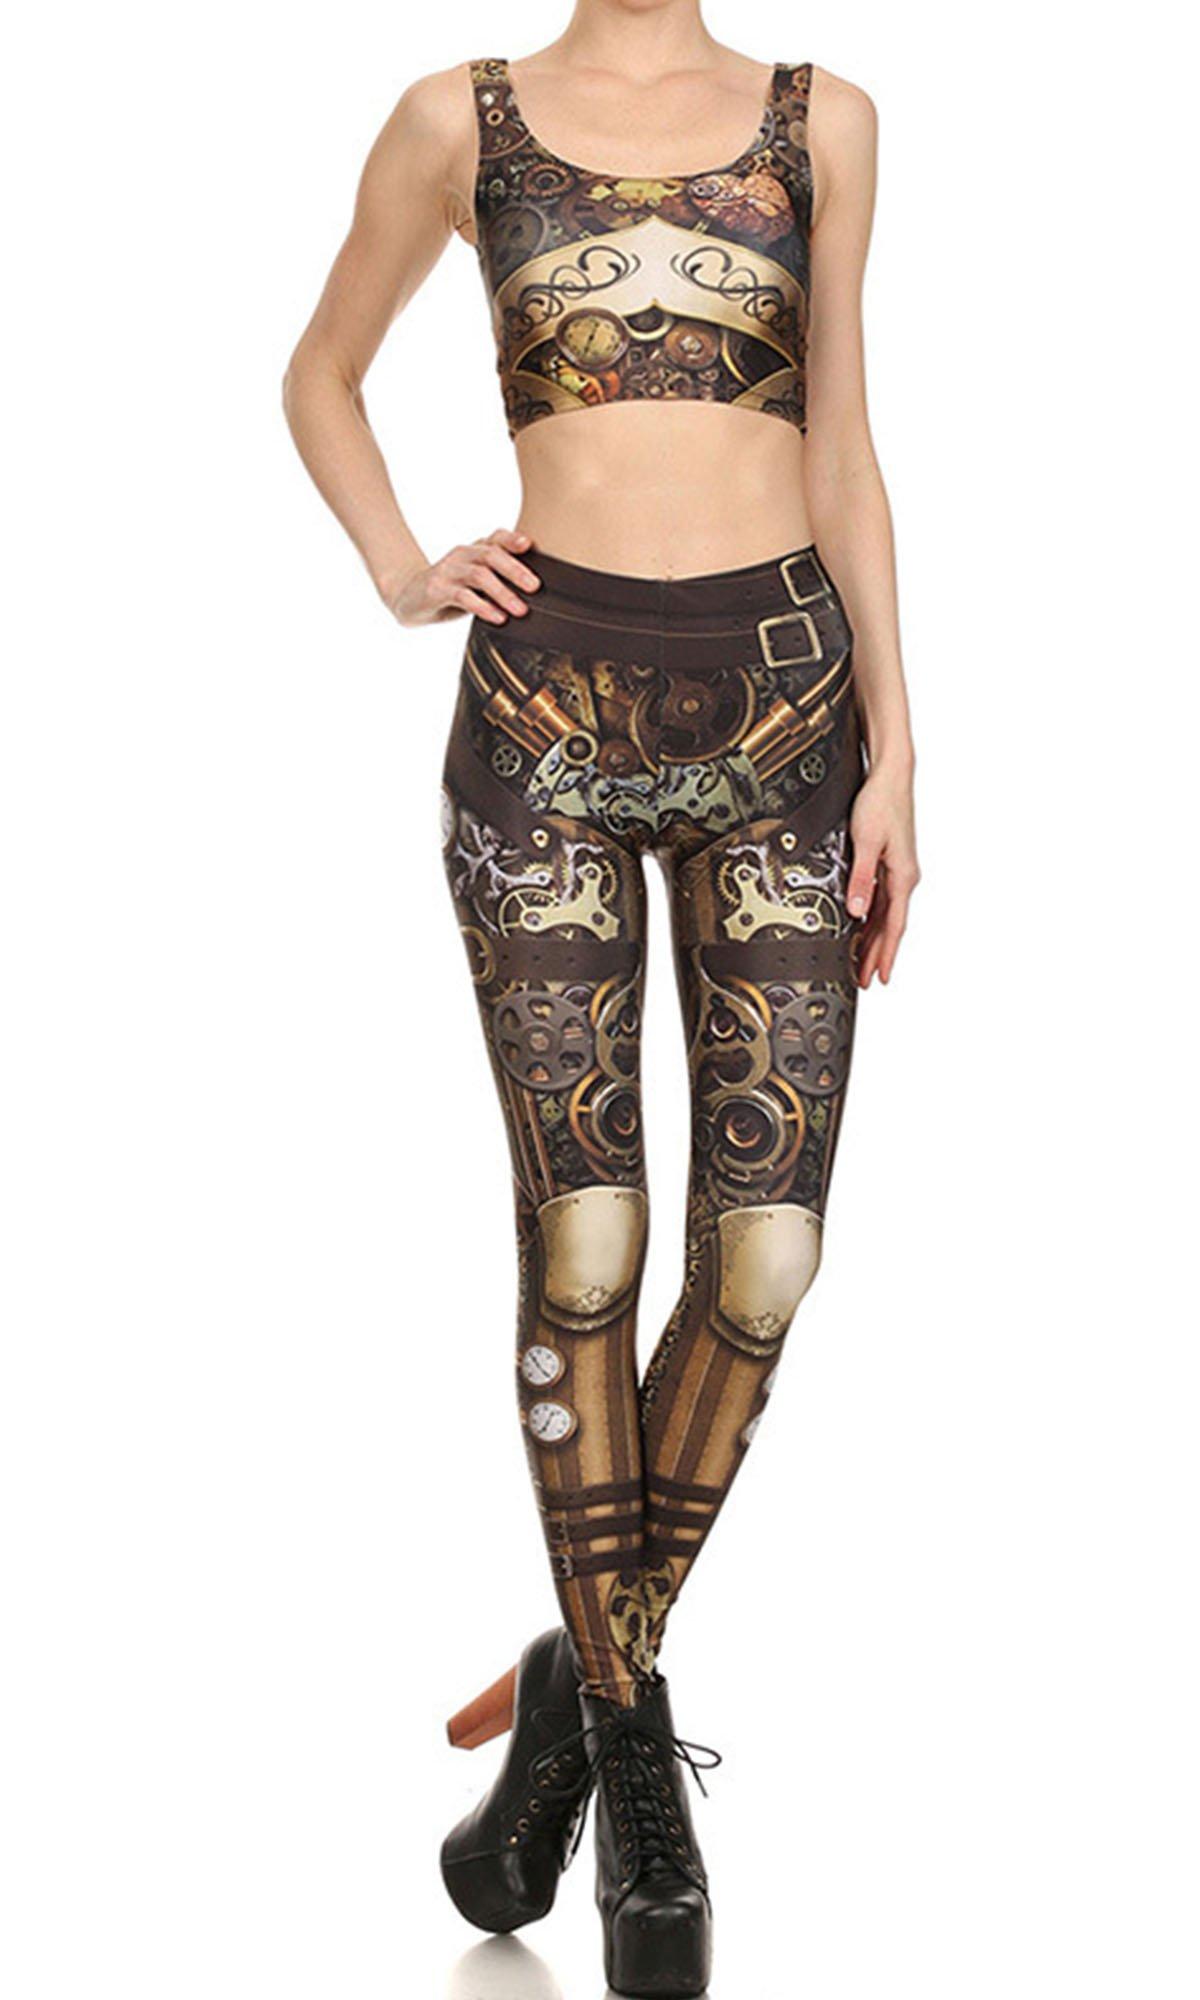 Women Cosplay Steampunk Leggings Sets High Waist Mechanical Gear Pants